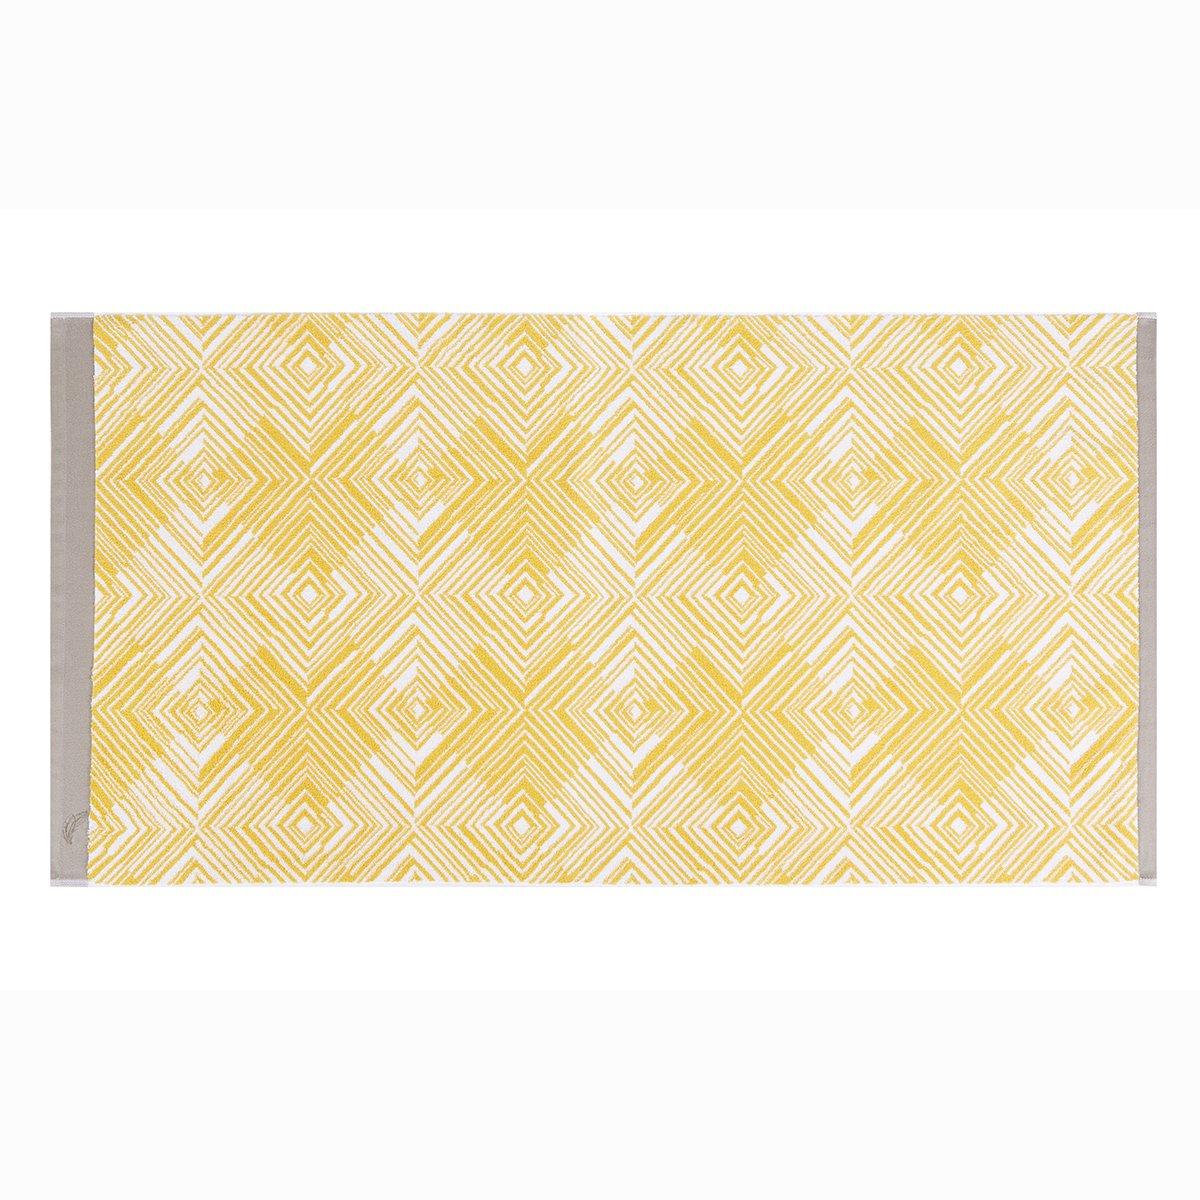 Drap de douche coton 70x140 cm jaune imprimé